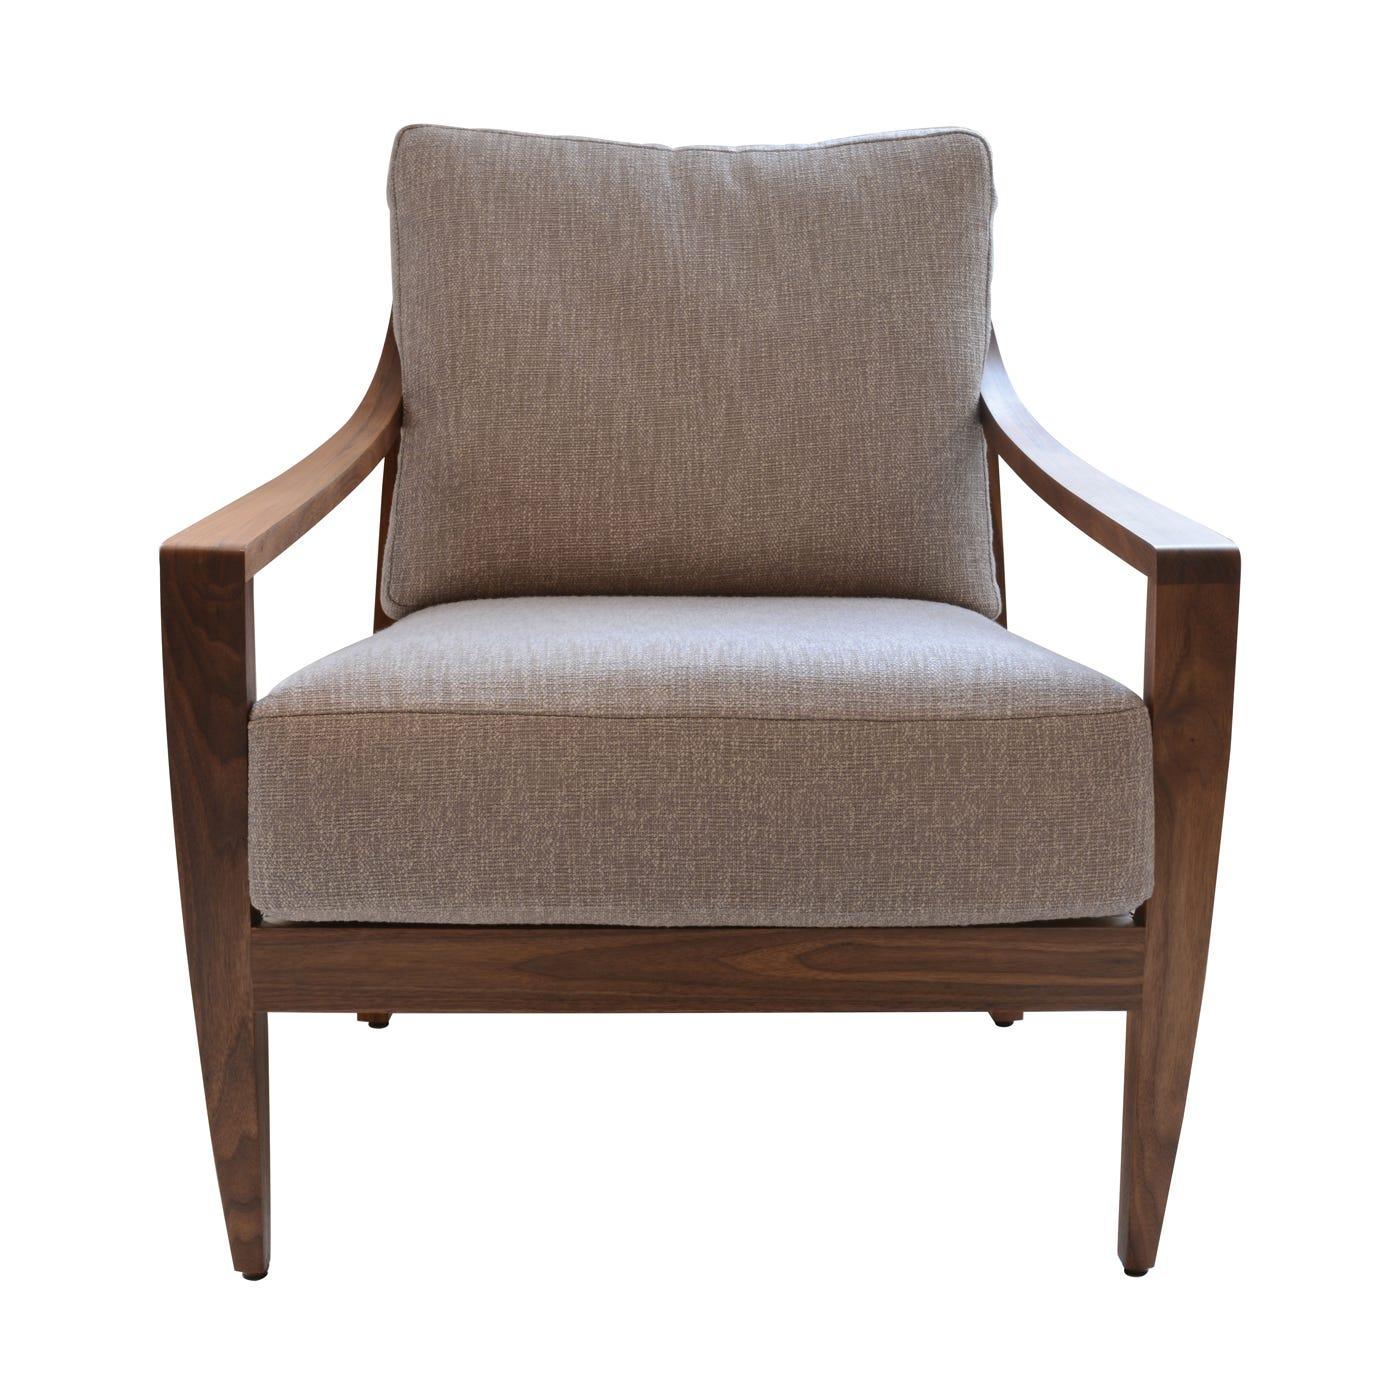 excellent low lounge chair matthew hilton | De La Espada Low Lounge Chair | HEAL'S